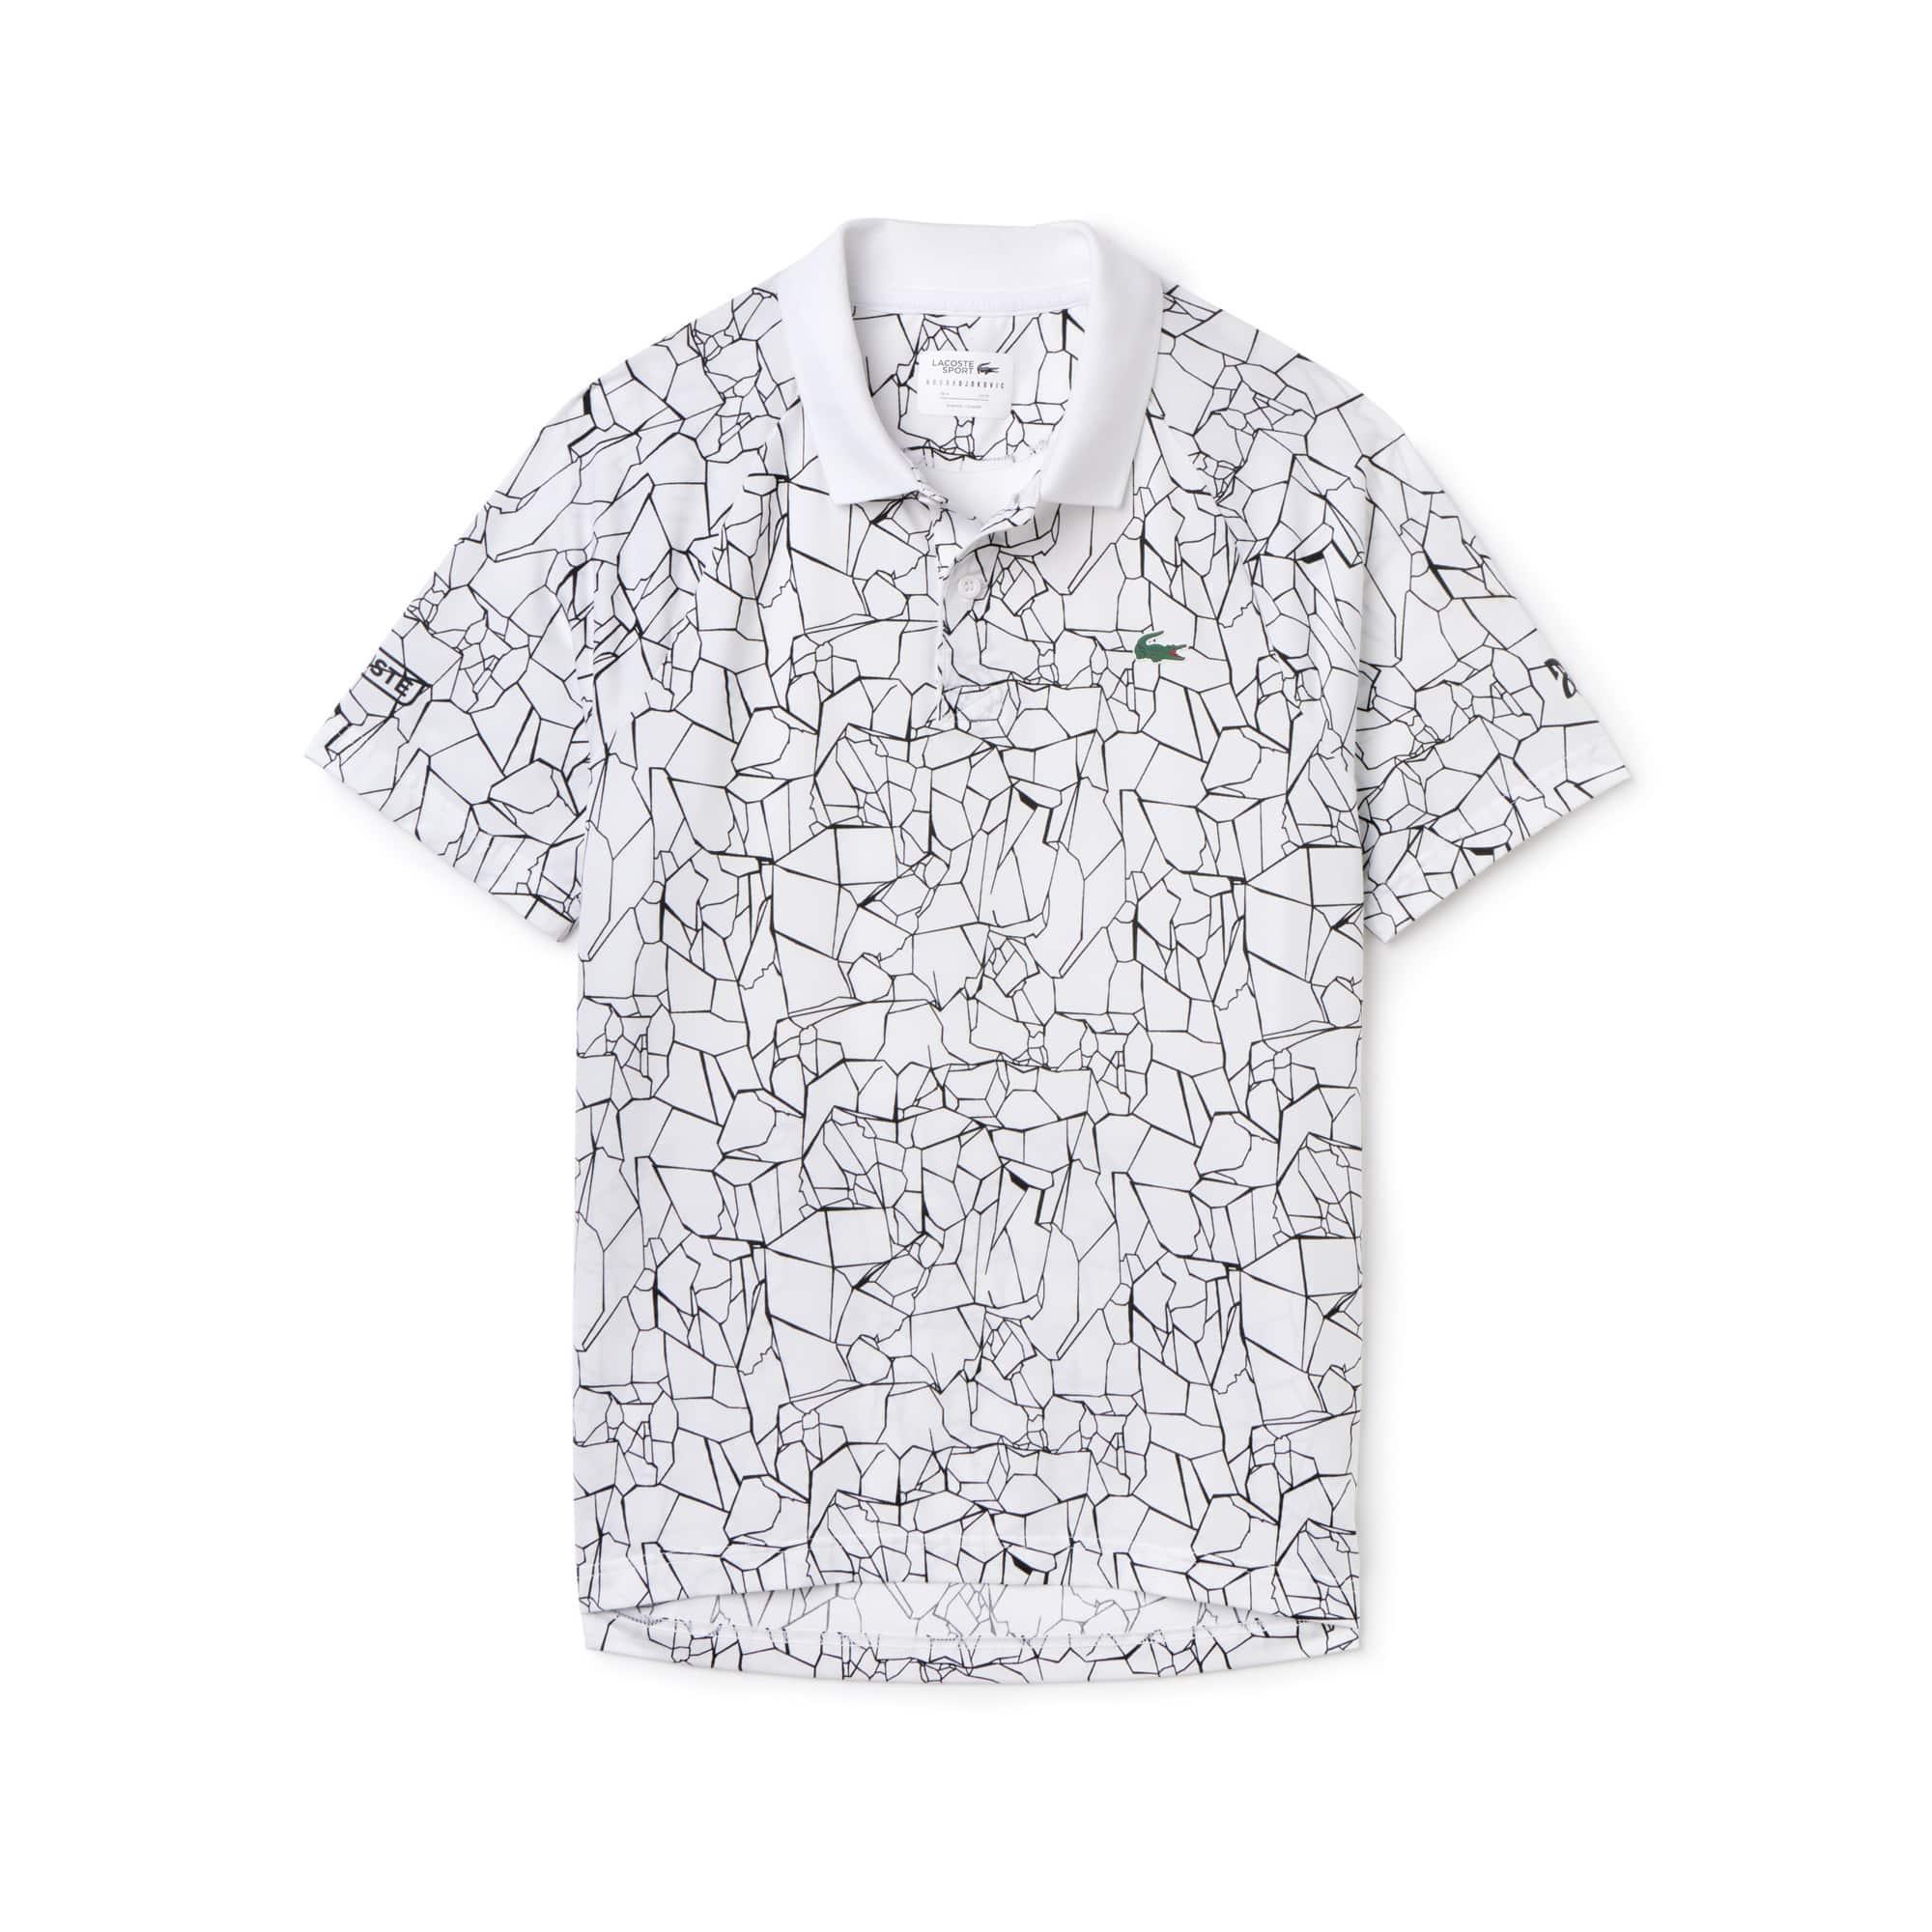 라코스테 스포츠 반팔 카라티 Lacoste Mens SPORT Print Technical Jersey Polo - x Novak Djokovic On Court Premium Edition,white/black